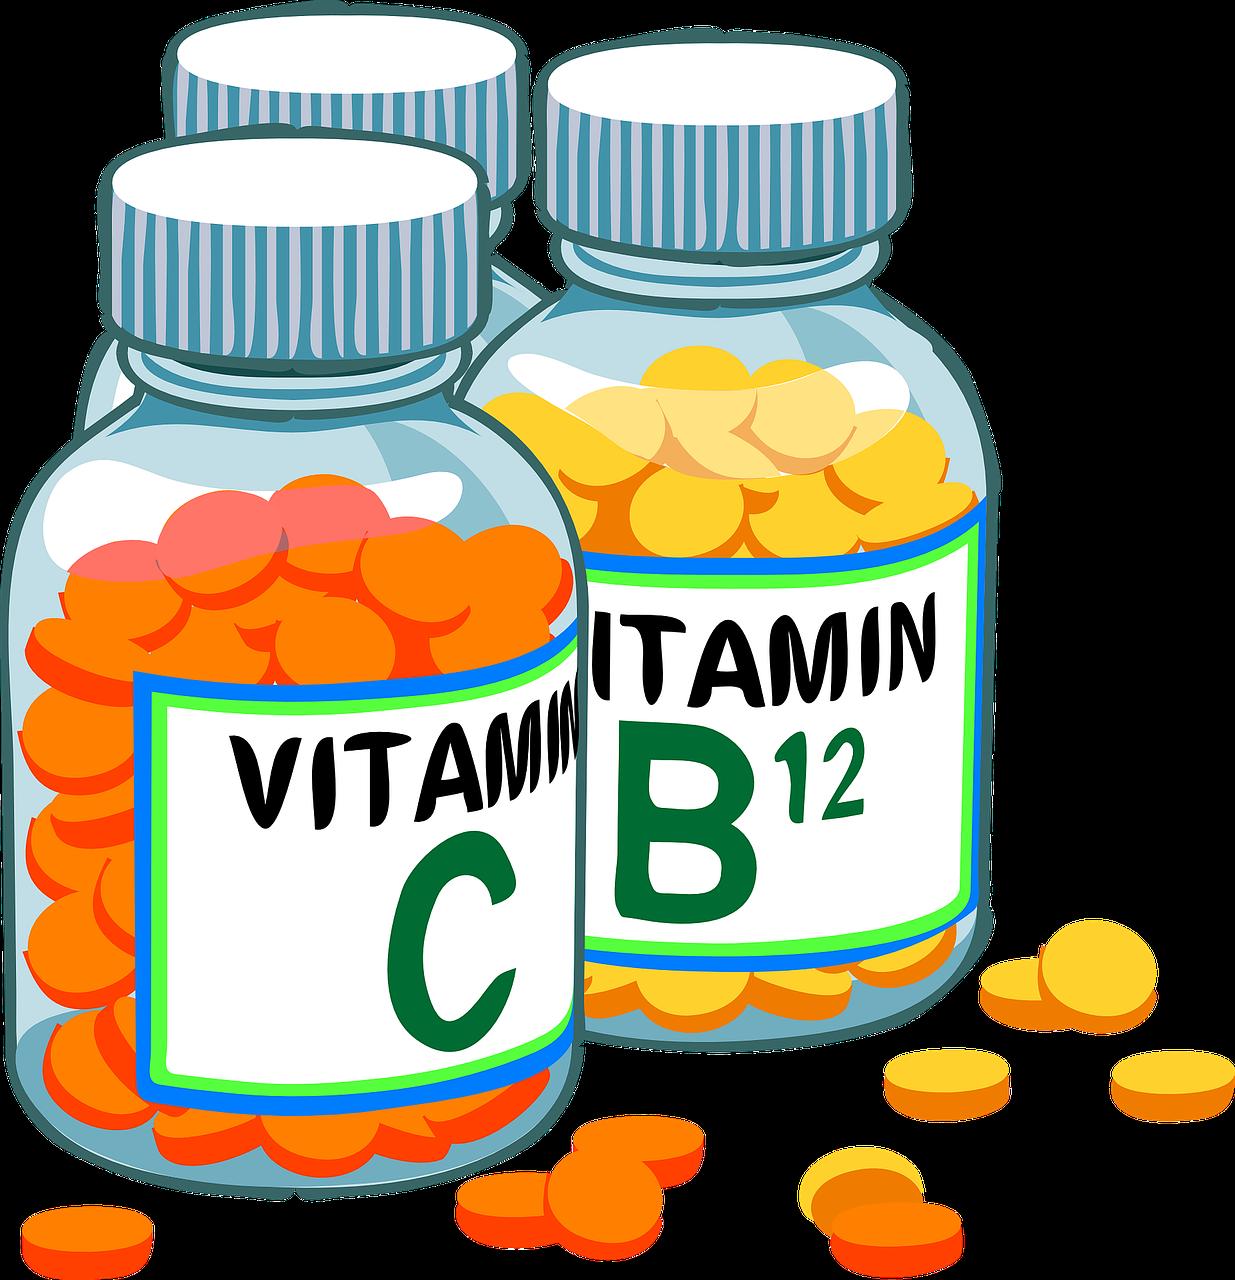 vitamins-26622-1280.png